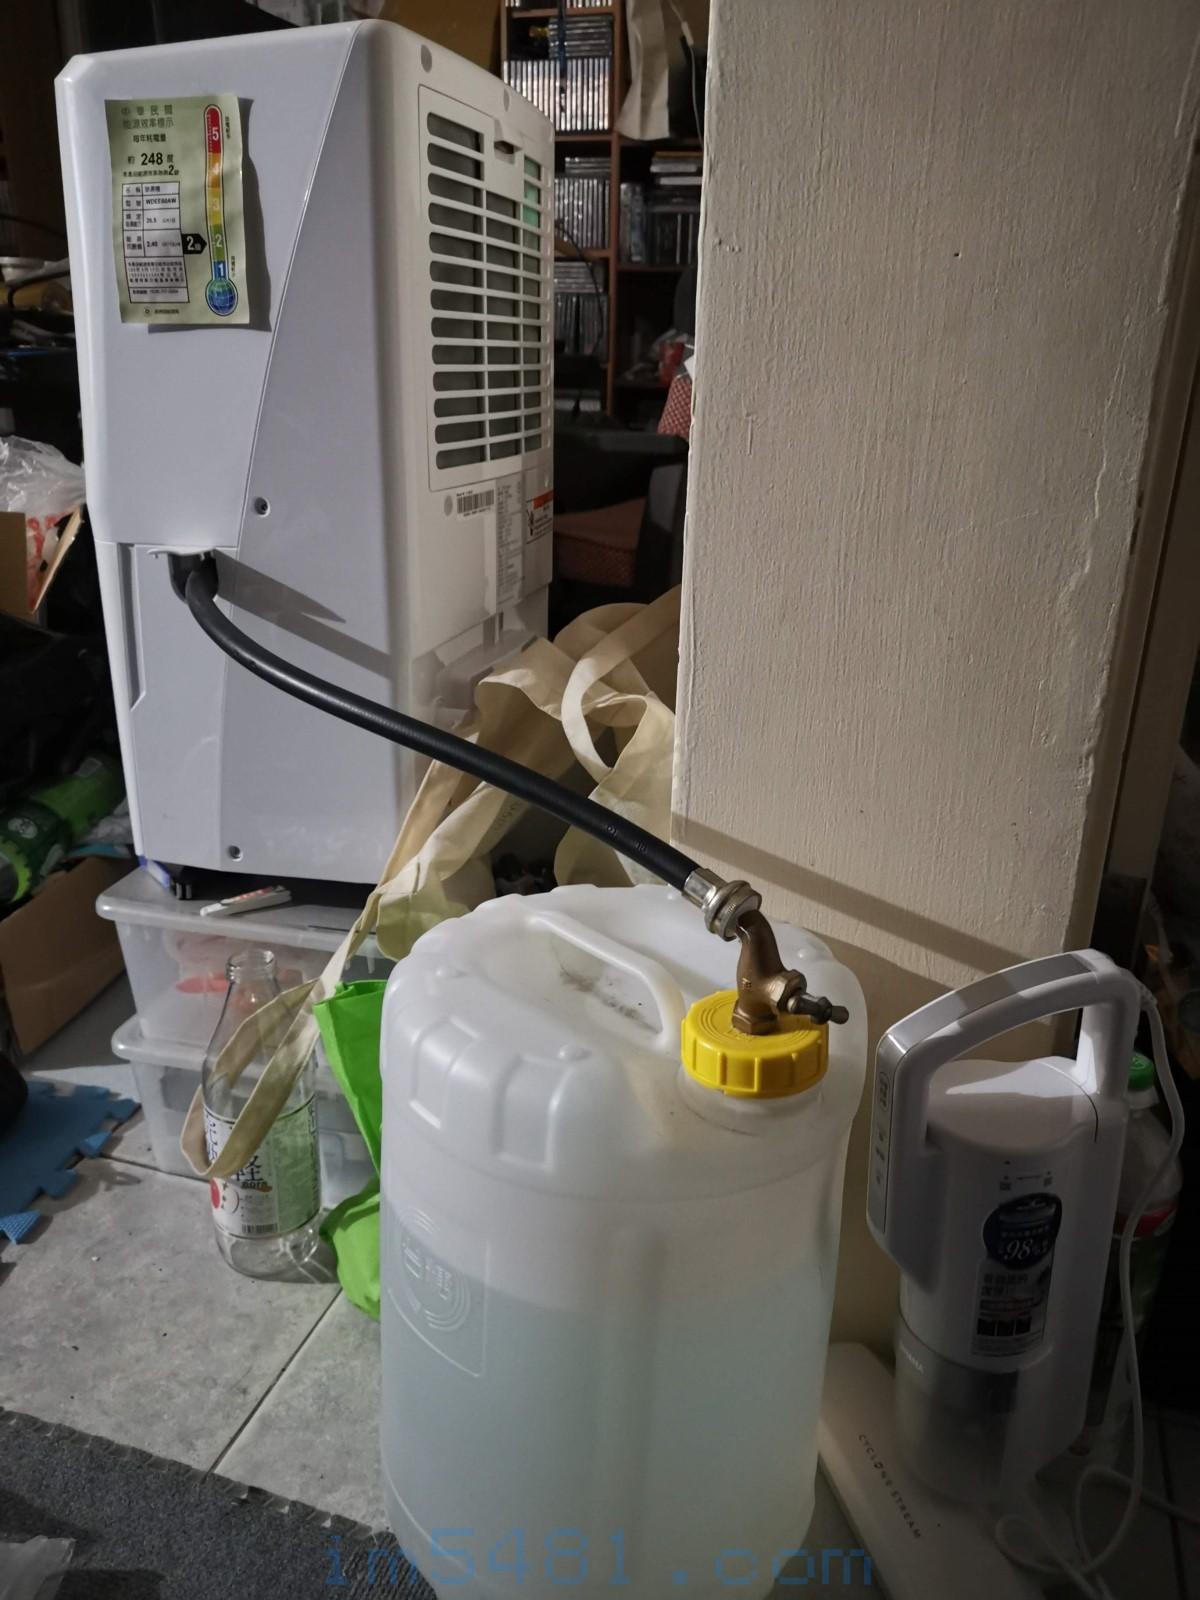 20200131惠而浦 26.5L節能除濕機 WDEE60AW在寒流來時,依然正常除溼